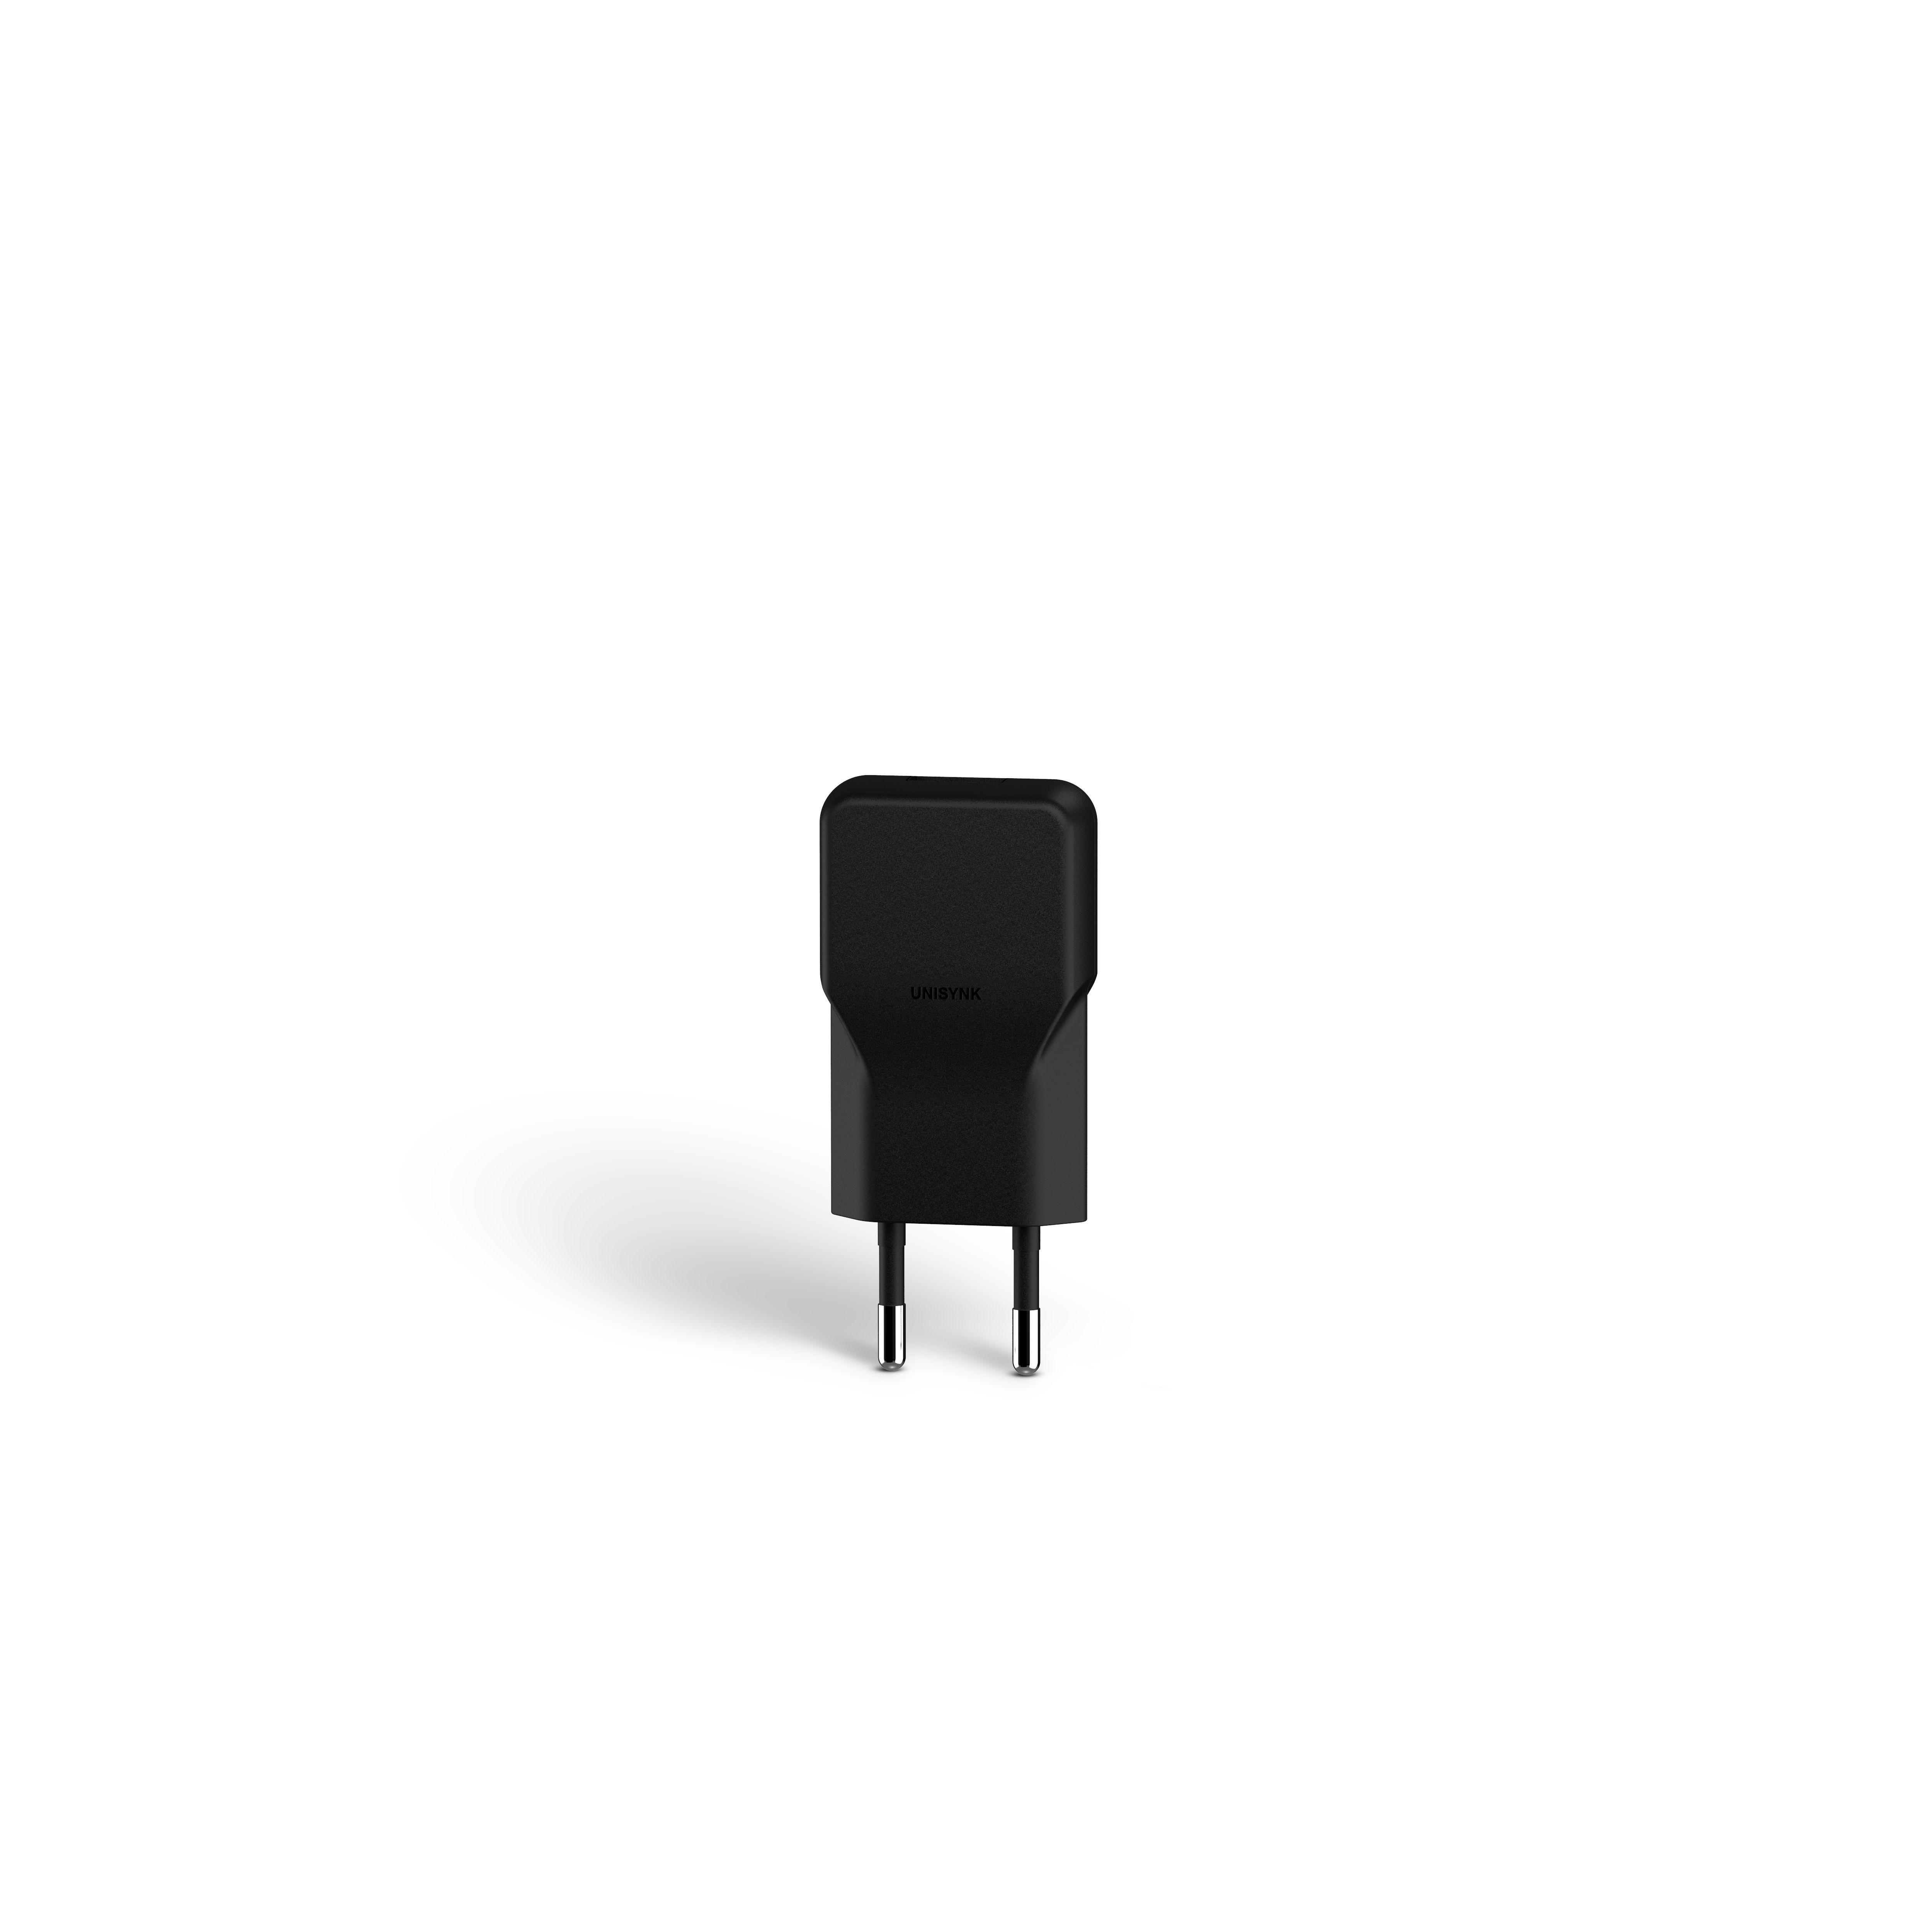 USB laddare 2,4A, 220V